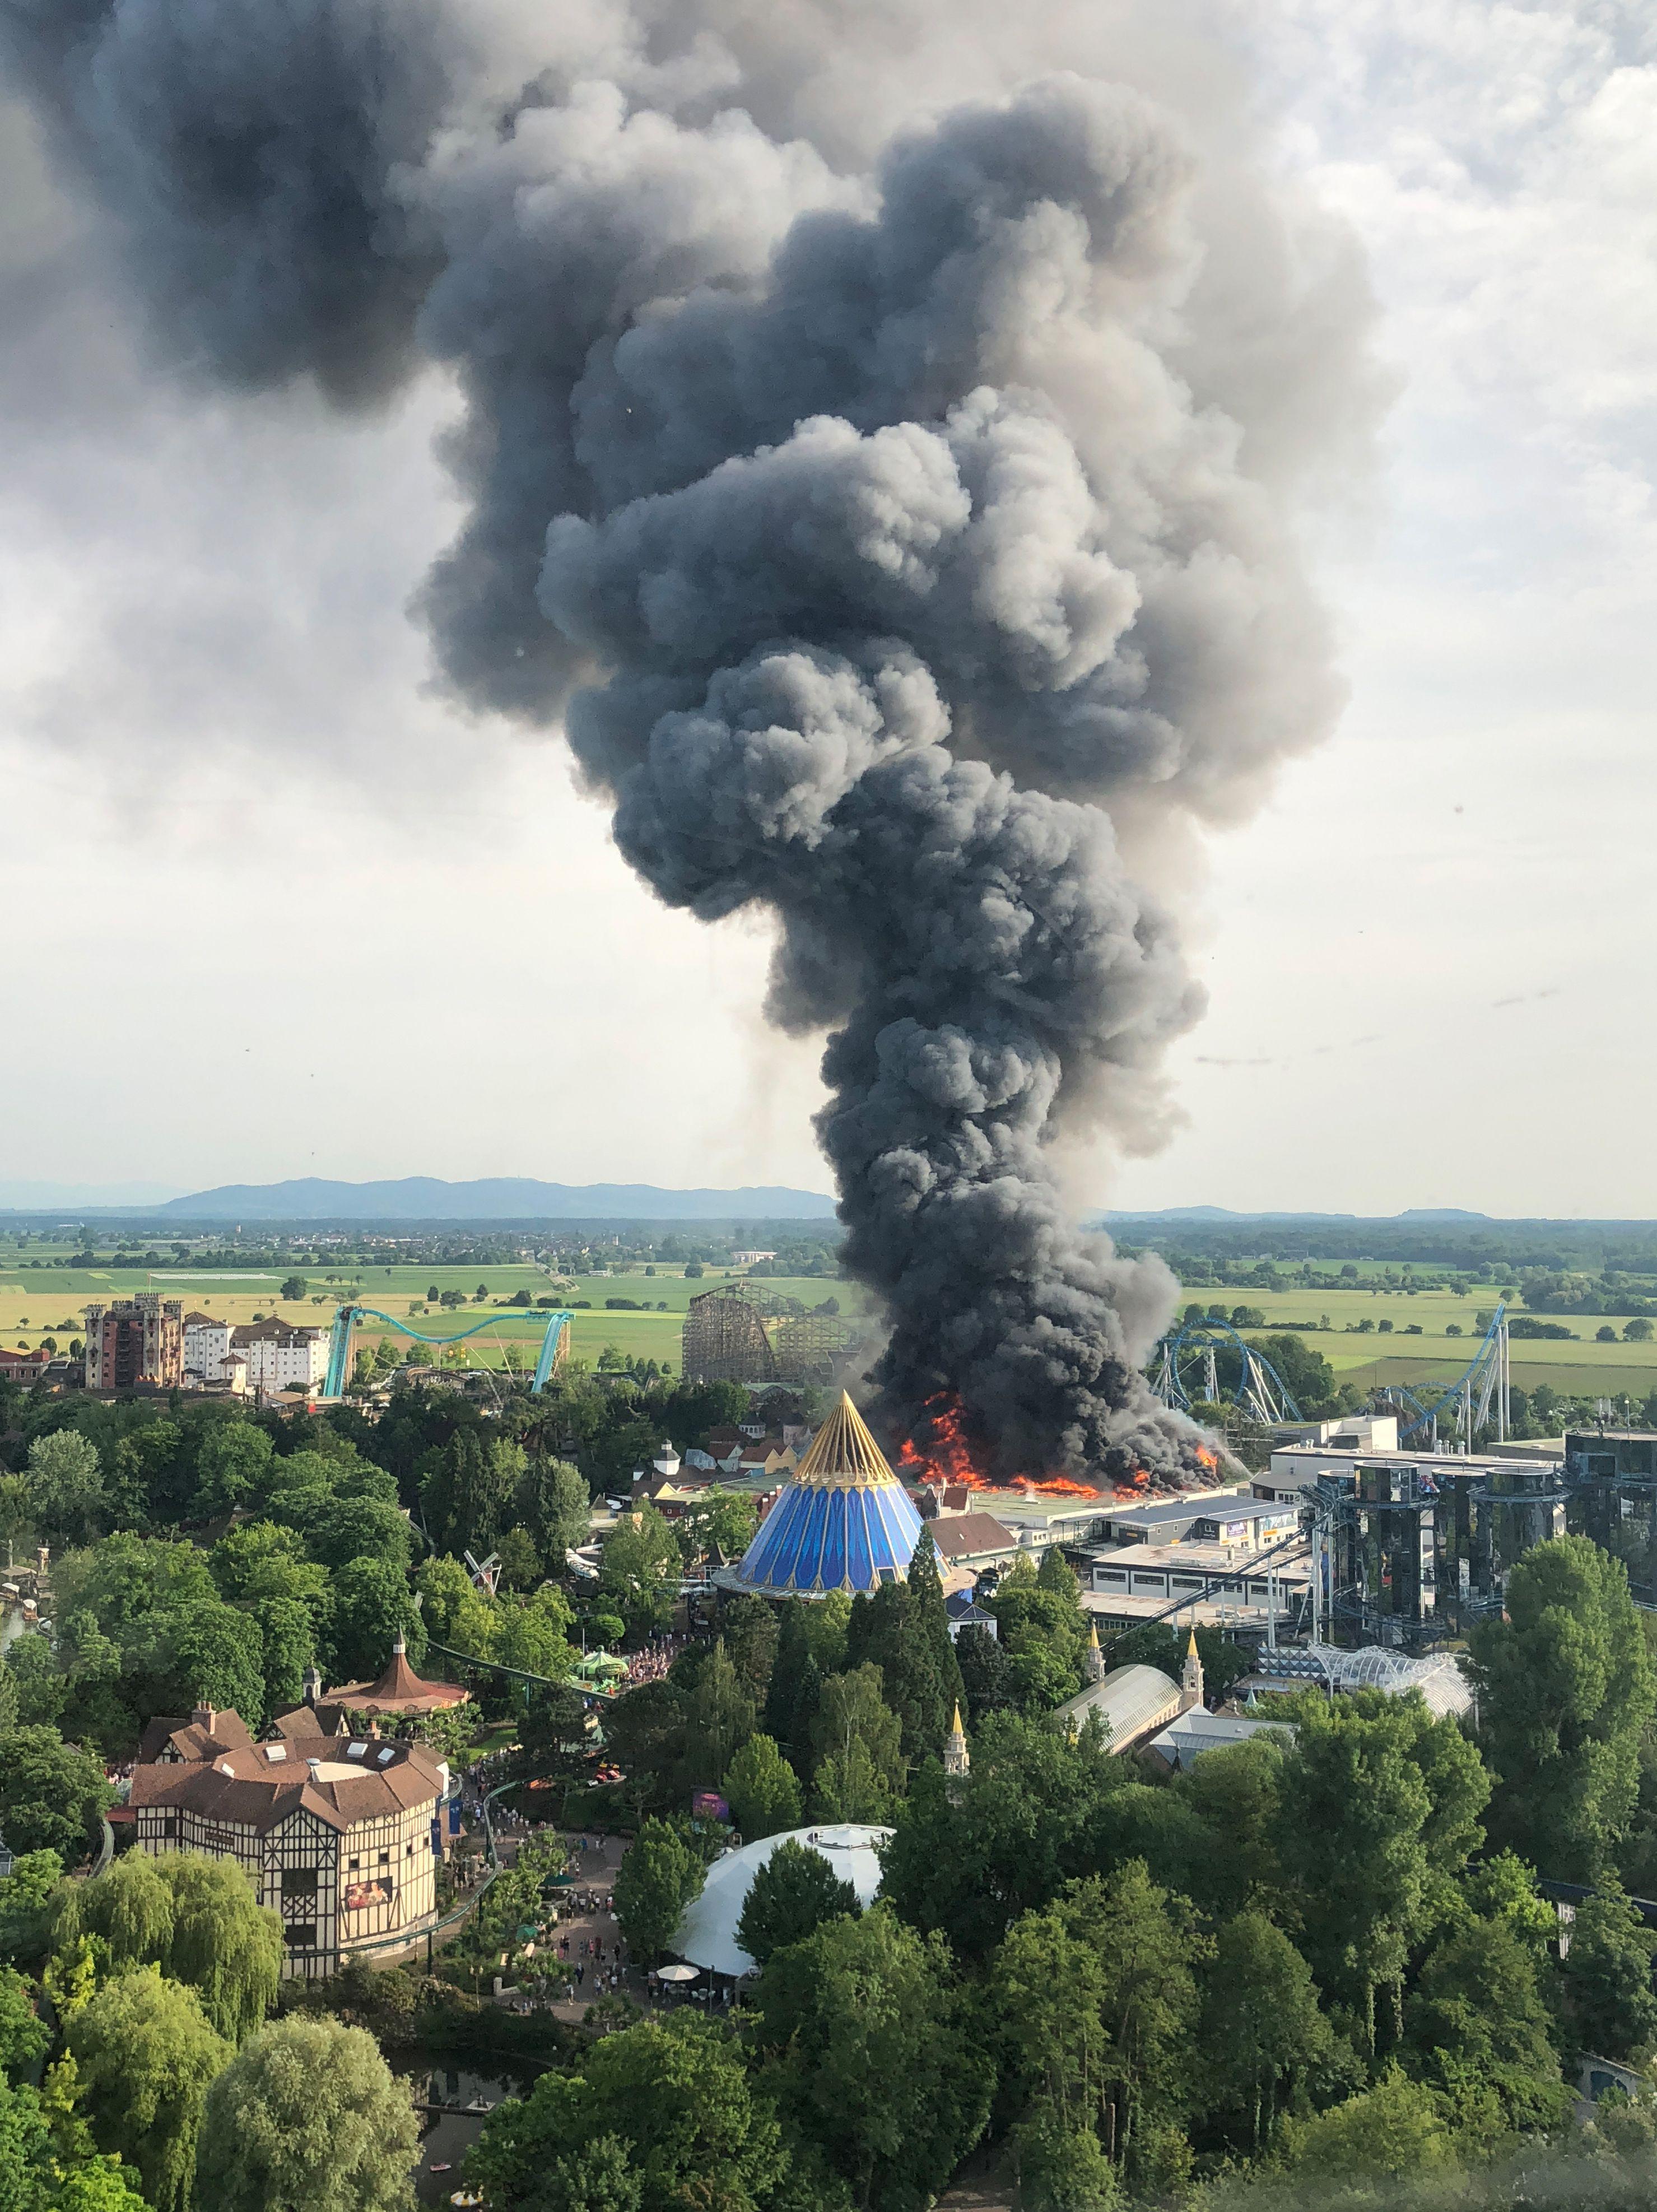 حريق ضخم بمدينة ملاهى أوروبا بارك